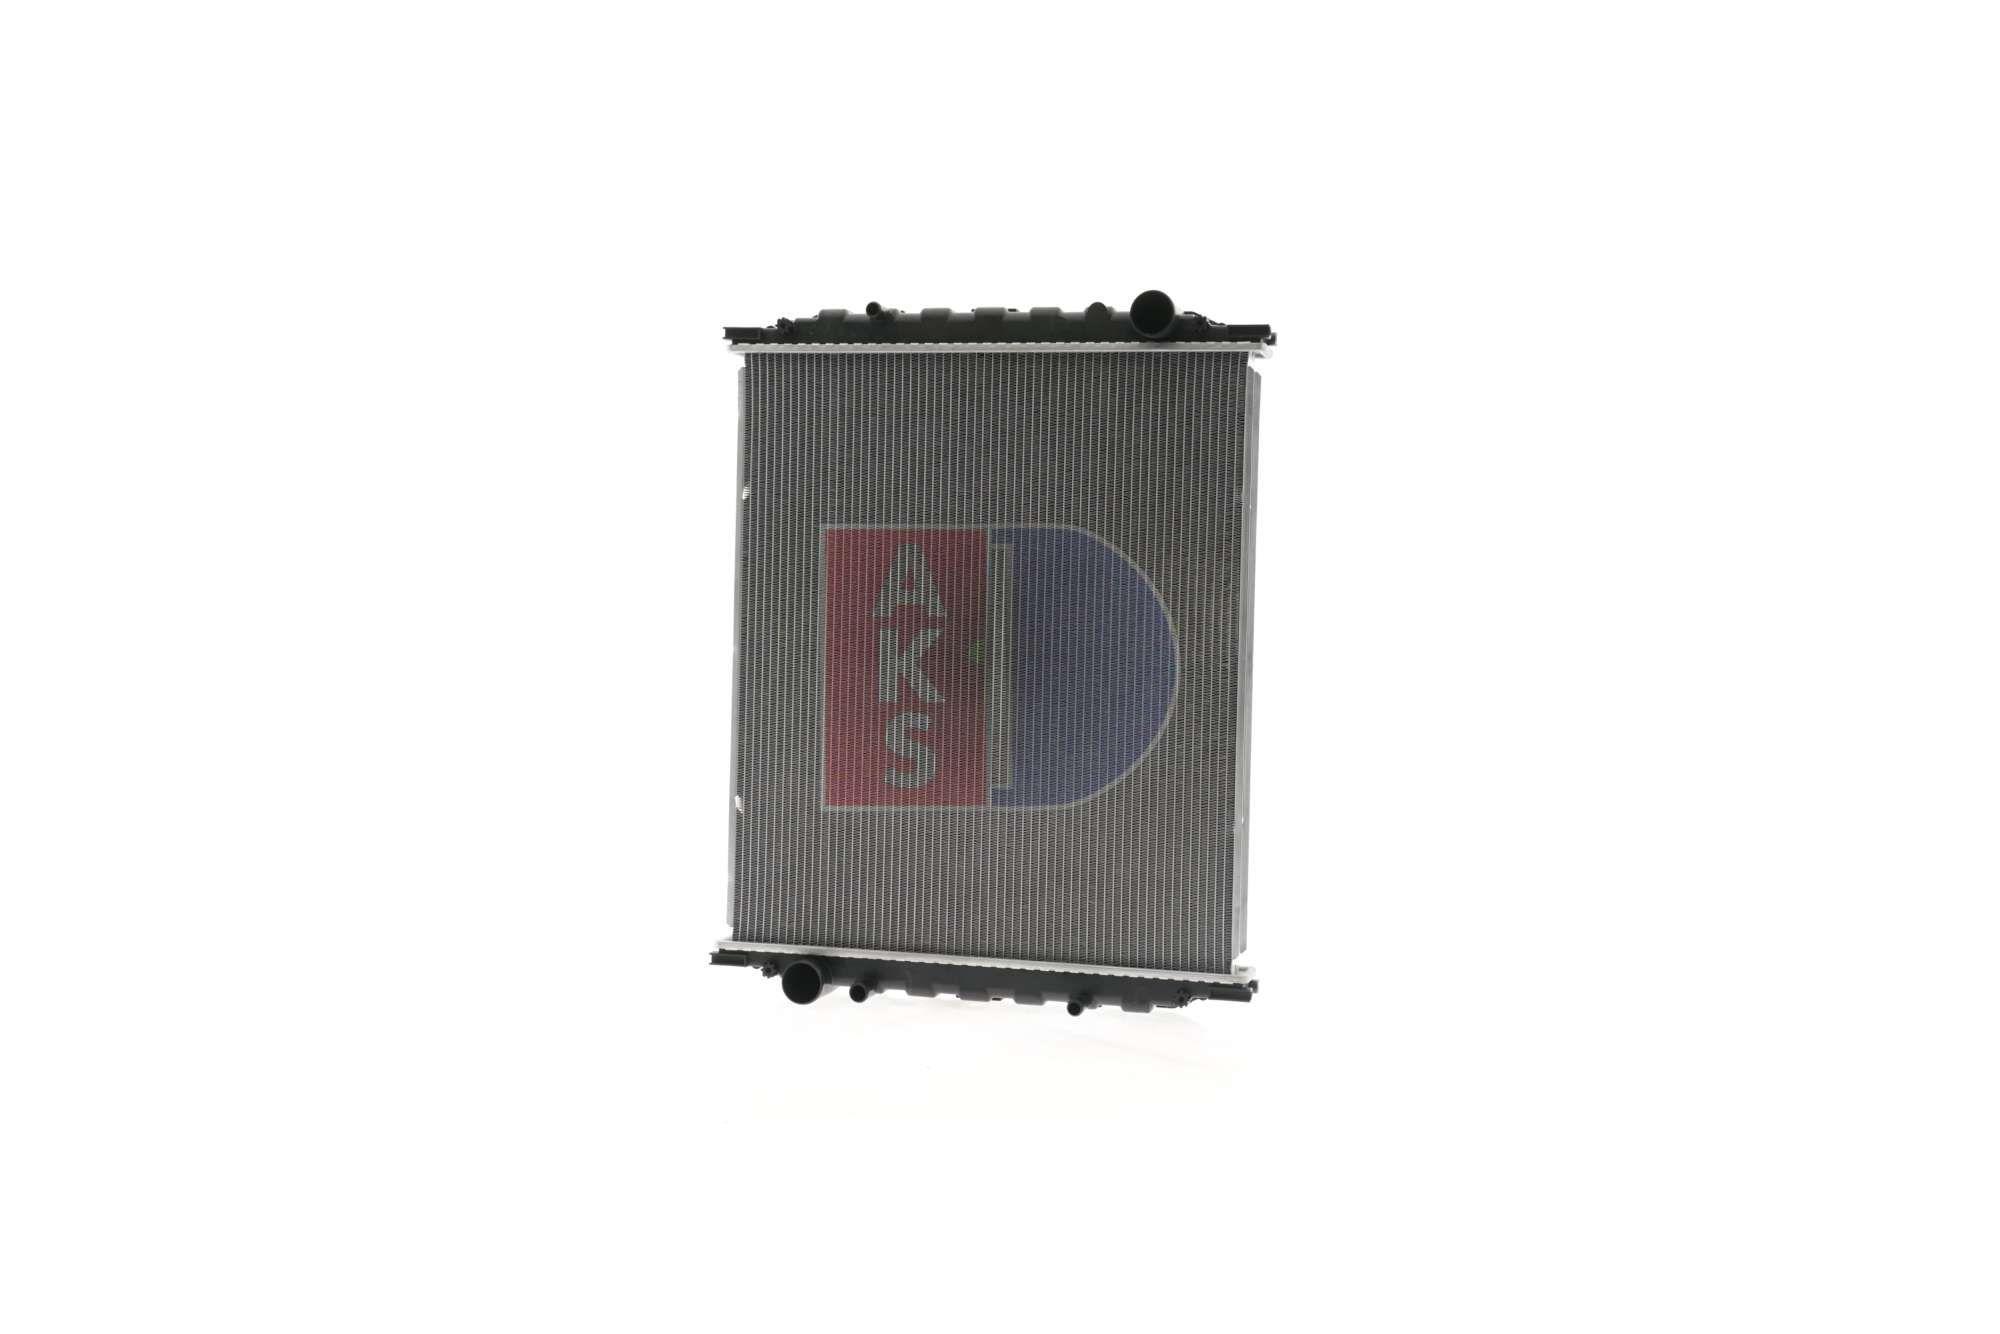 AKS DASIS Kühler, Motorkühlung für MAN - Artikelnummer: 262110S